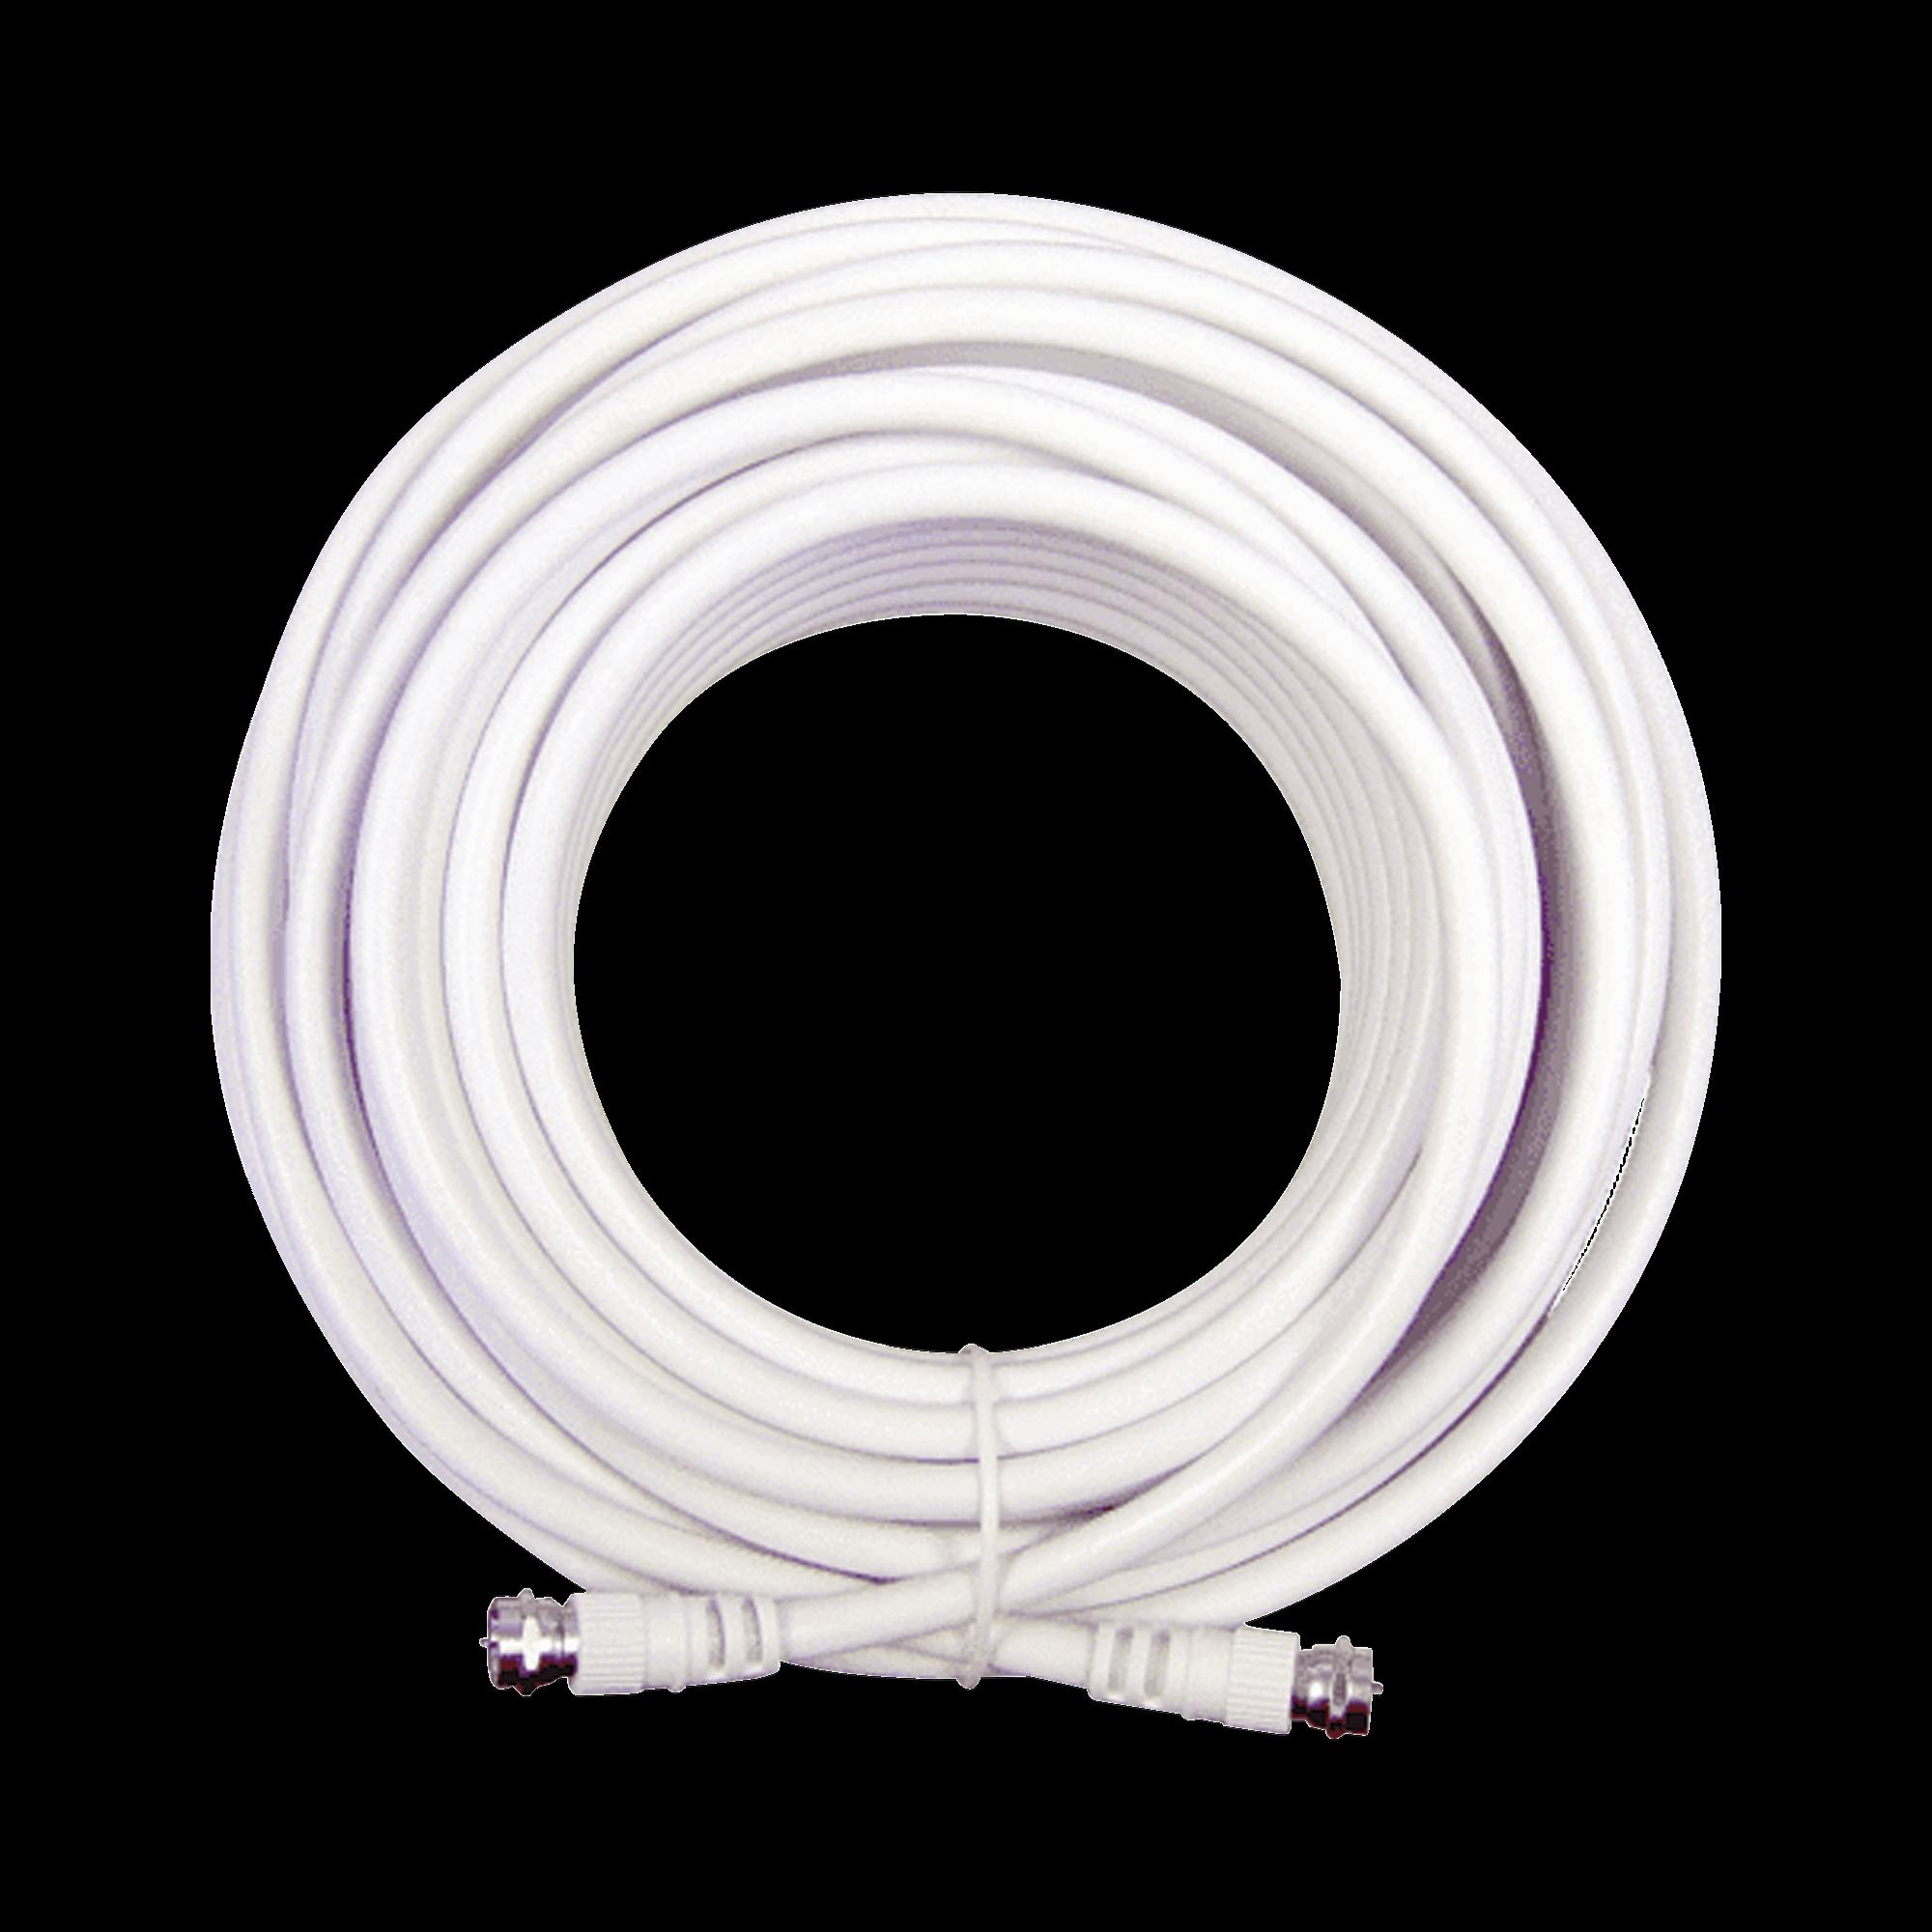 Jumper Coaxial con Cable Tipo RG-6 en Color Blanco de 6.09 Metros de Longitud y Conectores F Macho en Ambos Extremos. 75 Ohm de Impedancia.